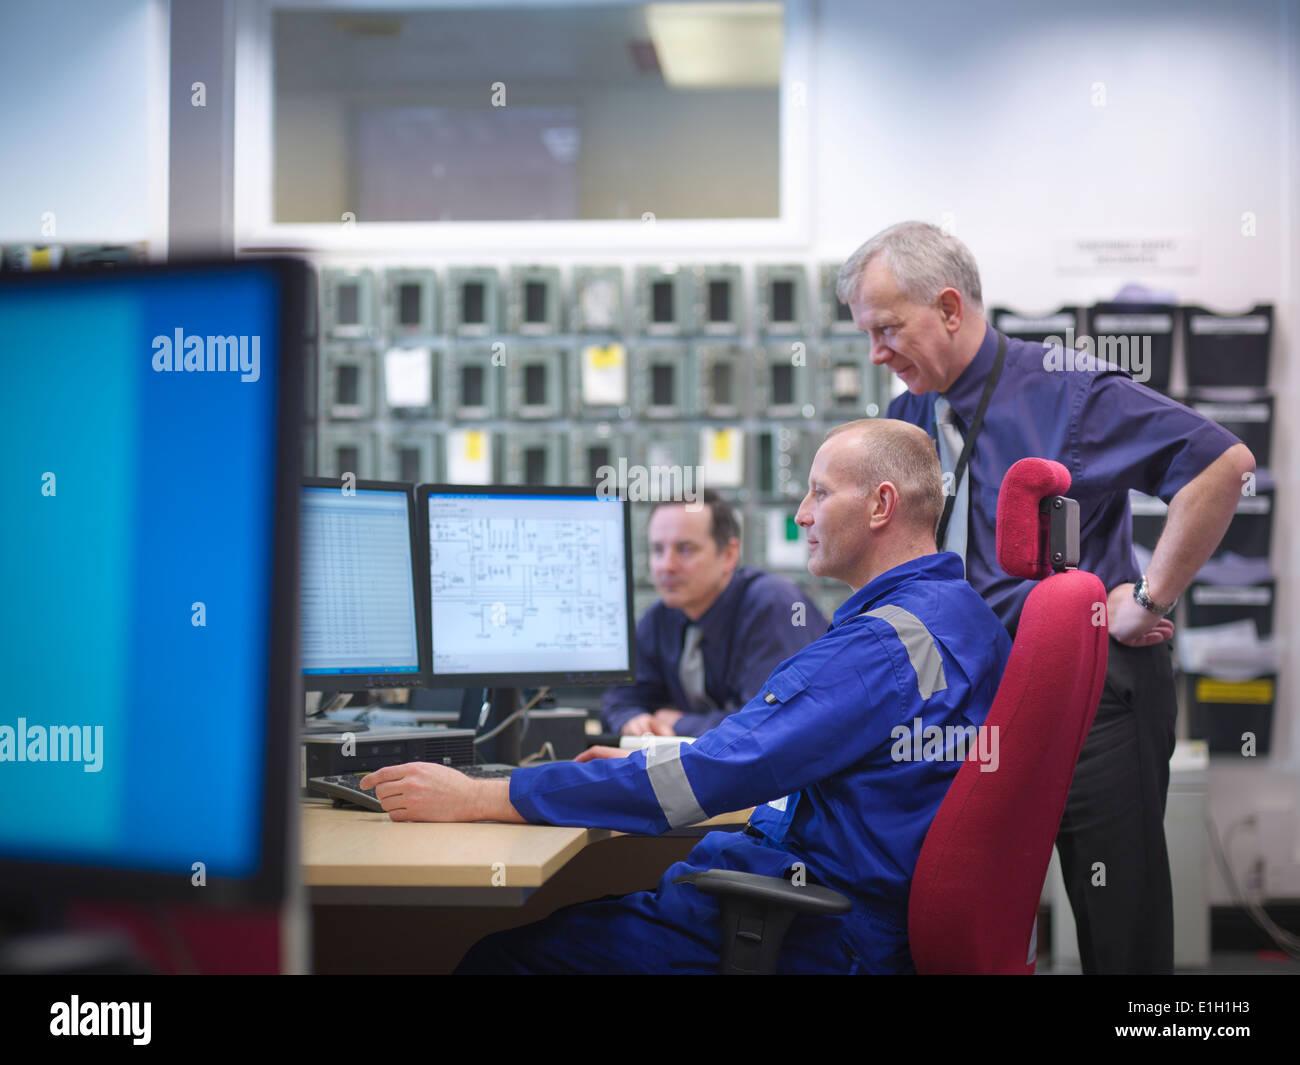 Réunion des ingénieurs en in Photo Stock